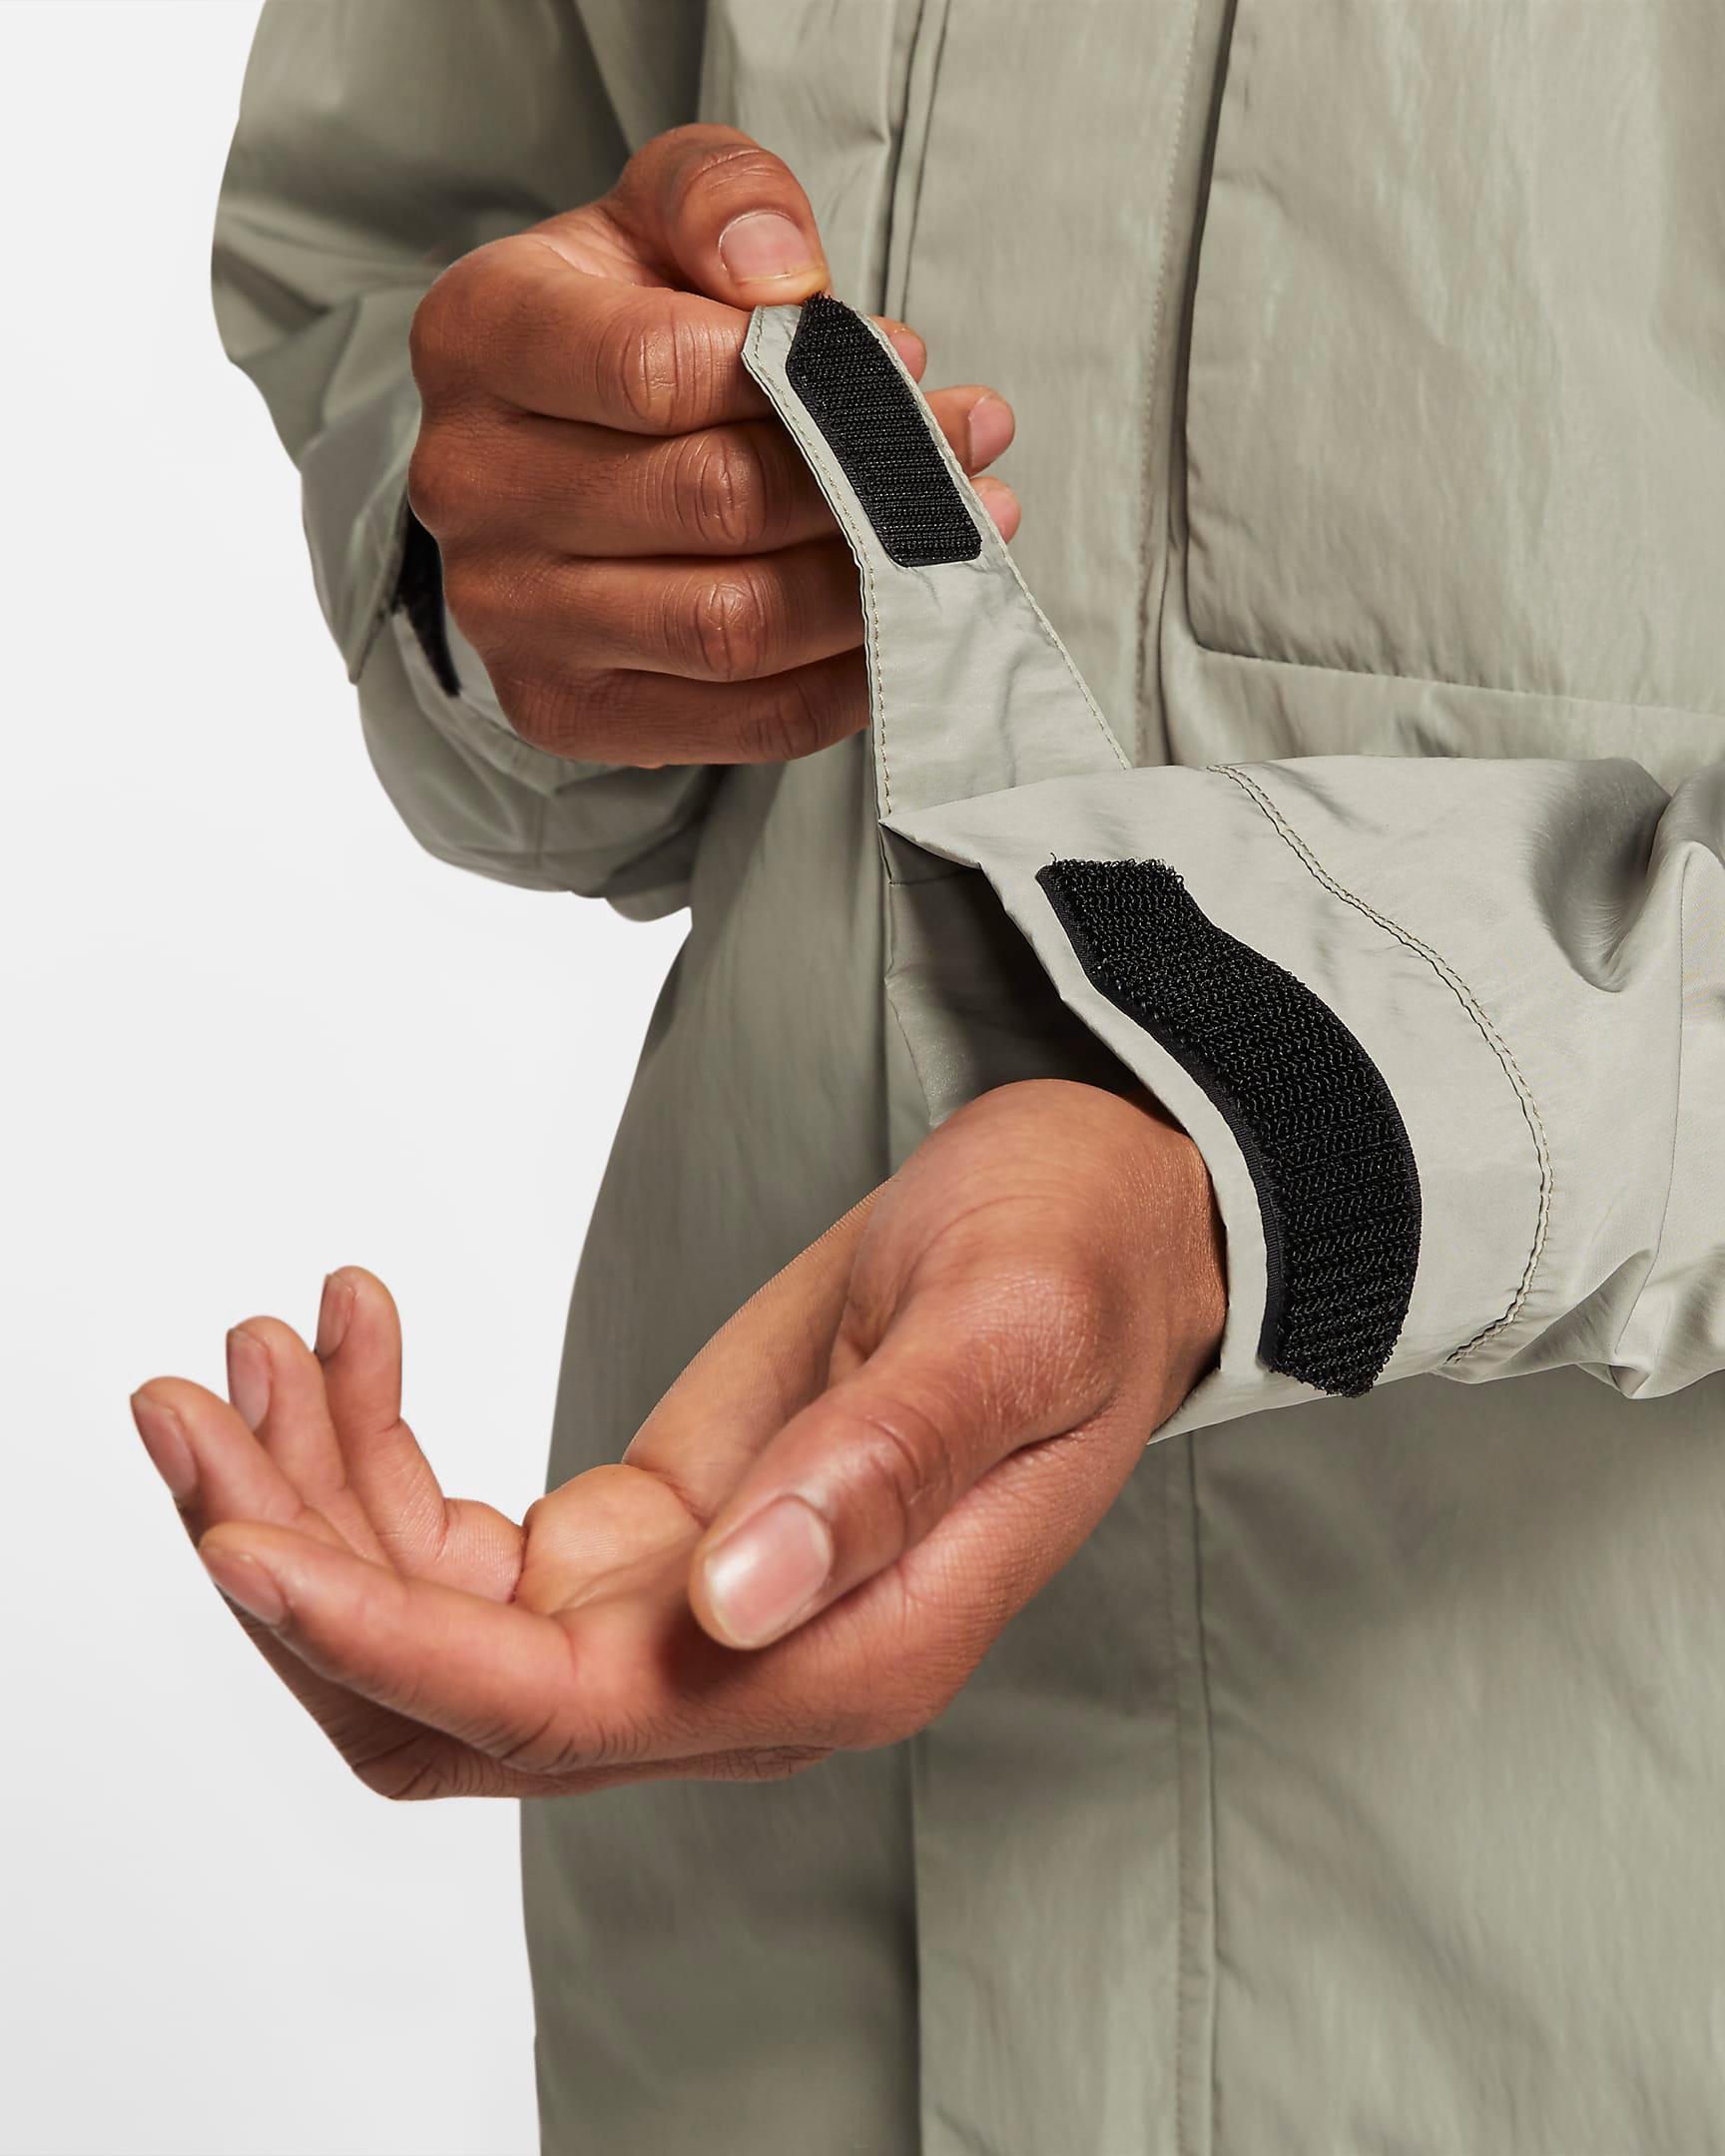 air-jordan-1-high-patina-light-army-jacket-9